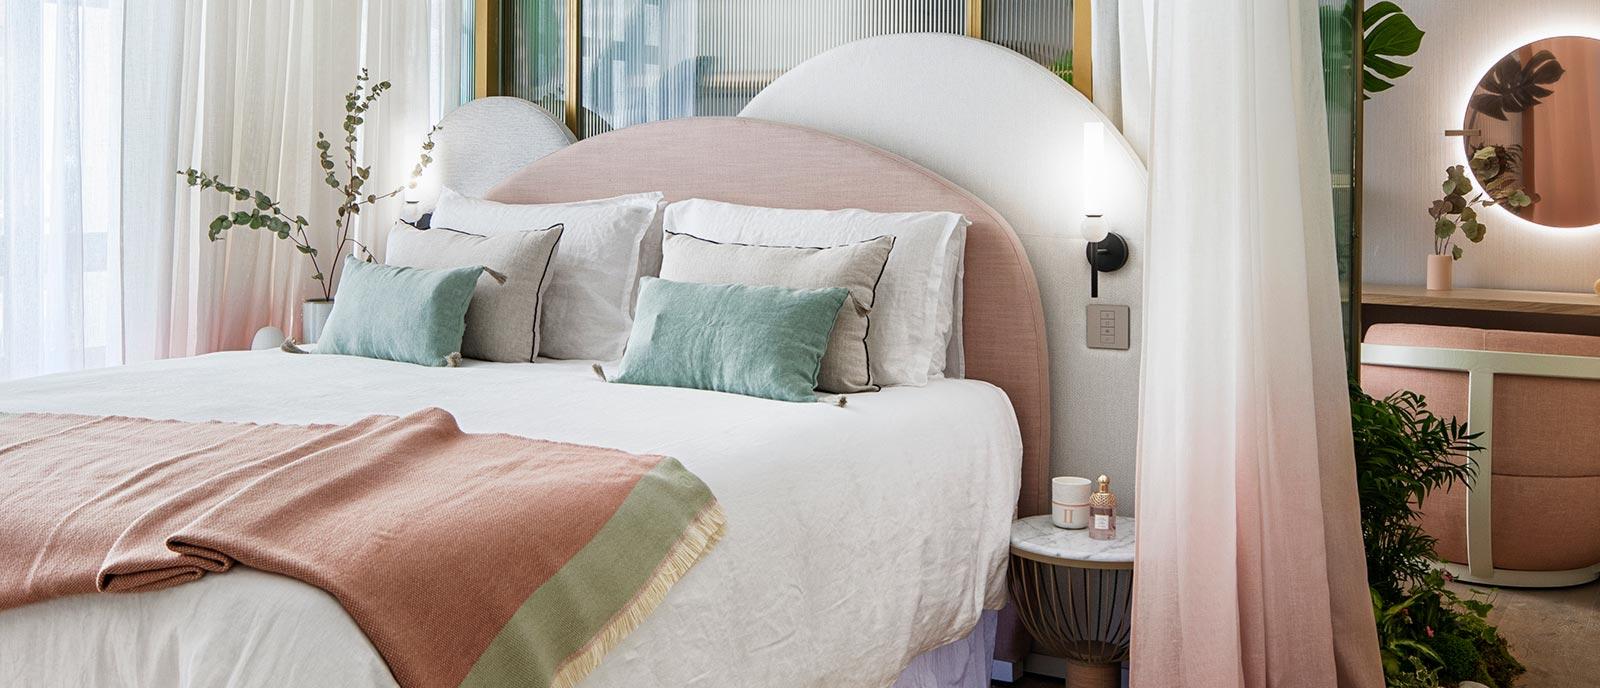 Casa Decor 2021: Espacios lujuoso con Interiores exclusivos casa decor 2021 Casa Decor 2021: Espacios lujuoso con Interiores exclusivos 26